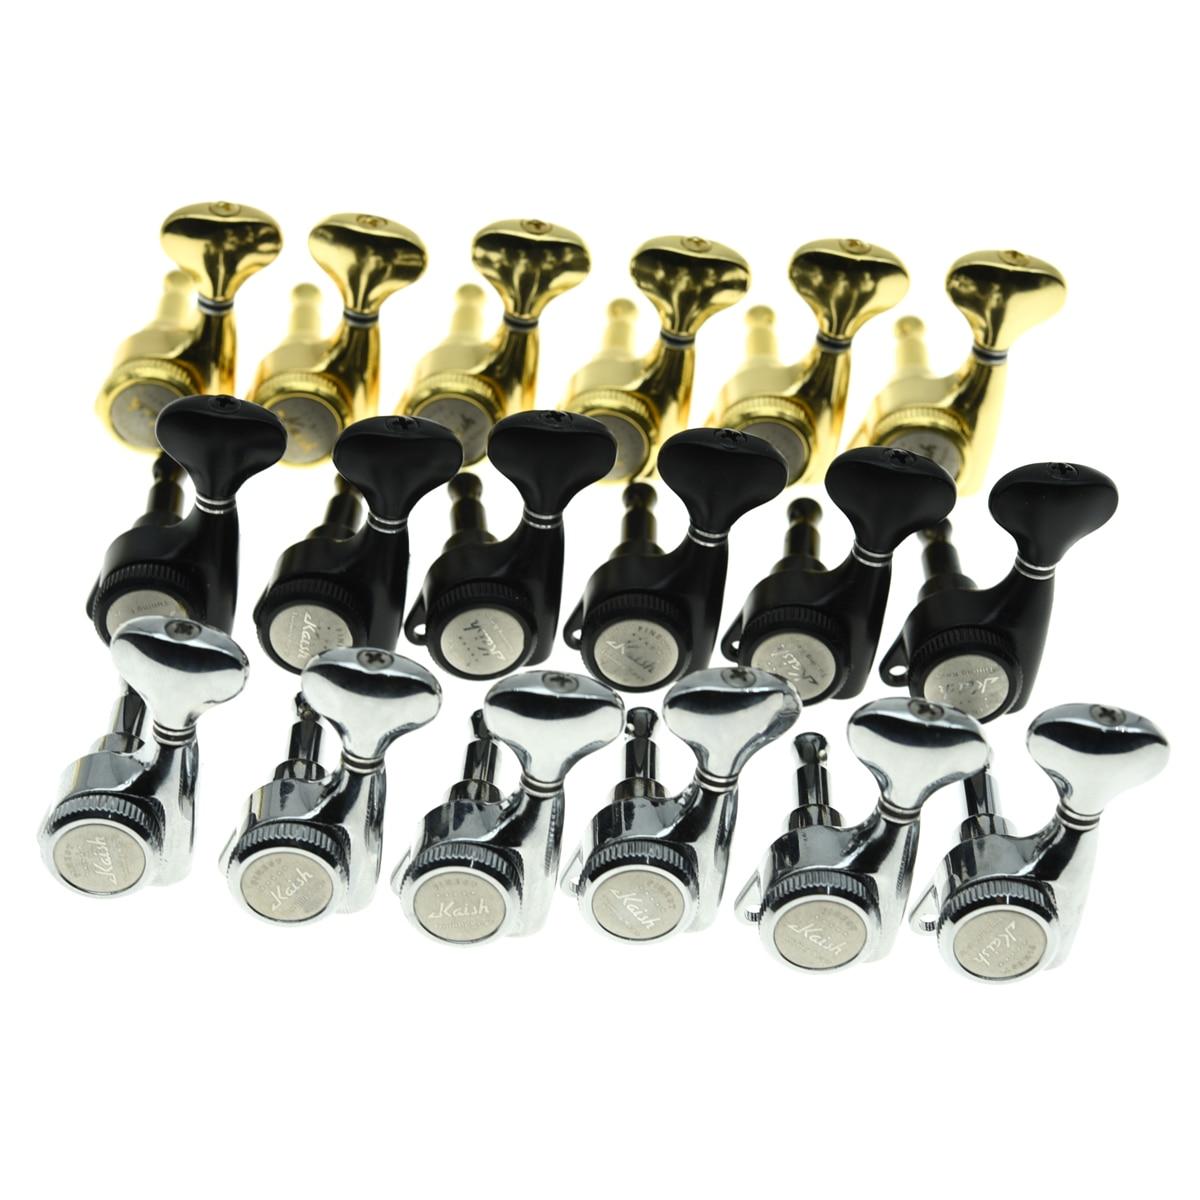 Kaish canhoto 6 em linha 181 guitarra bloqueio tuners máquina cabeças bloqueio chaves de ajuste pegs para at/tele ou guitarras elétricas